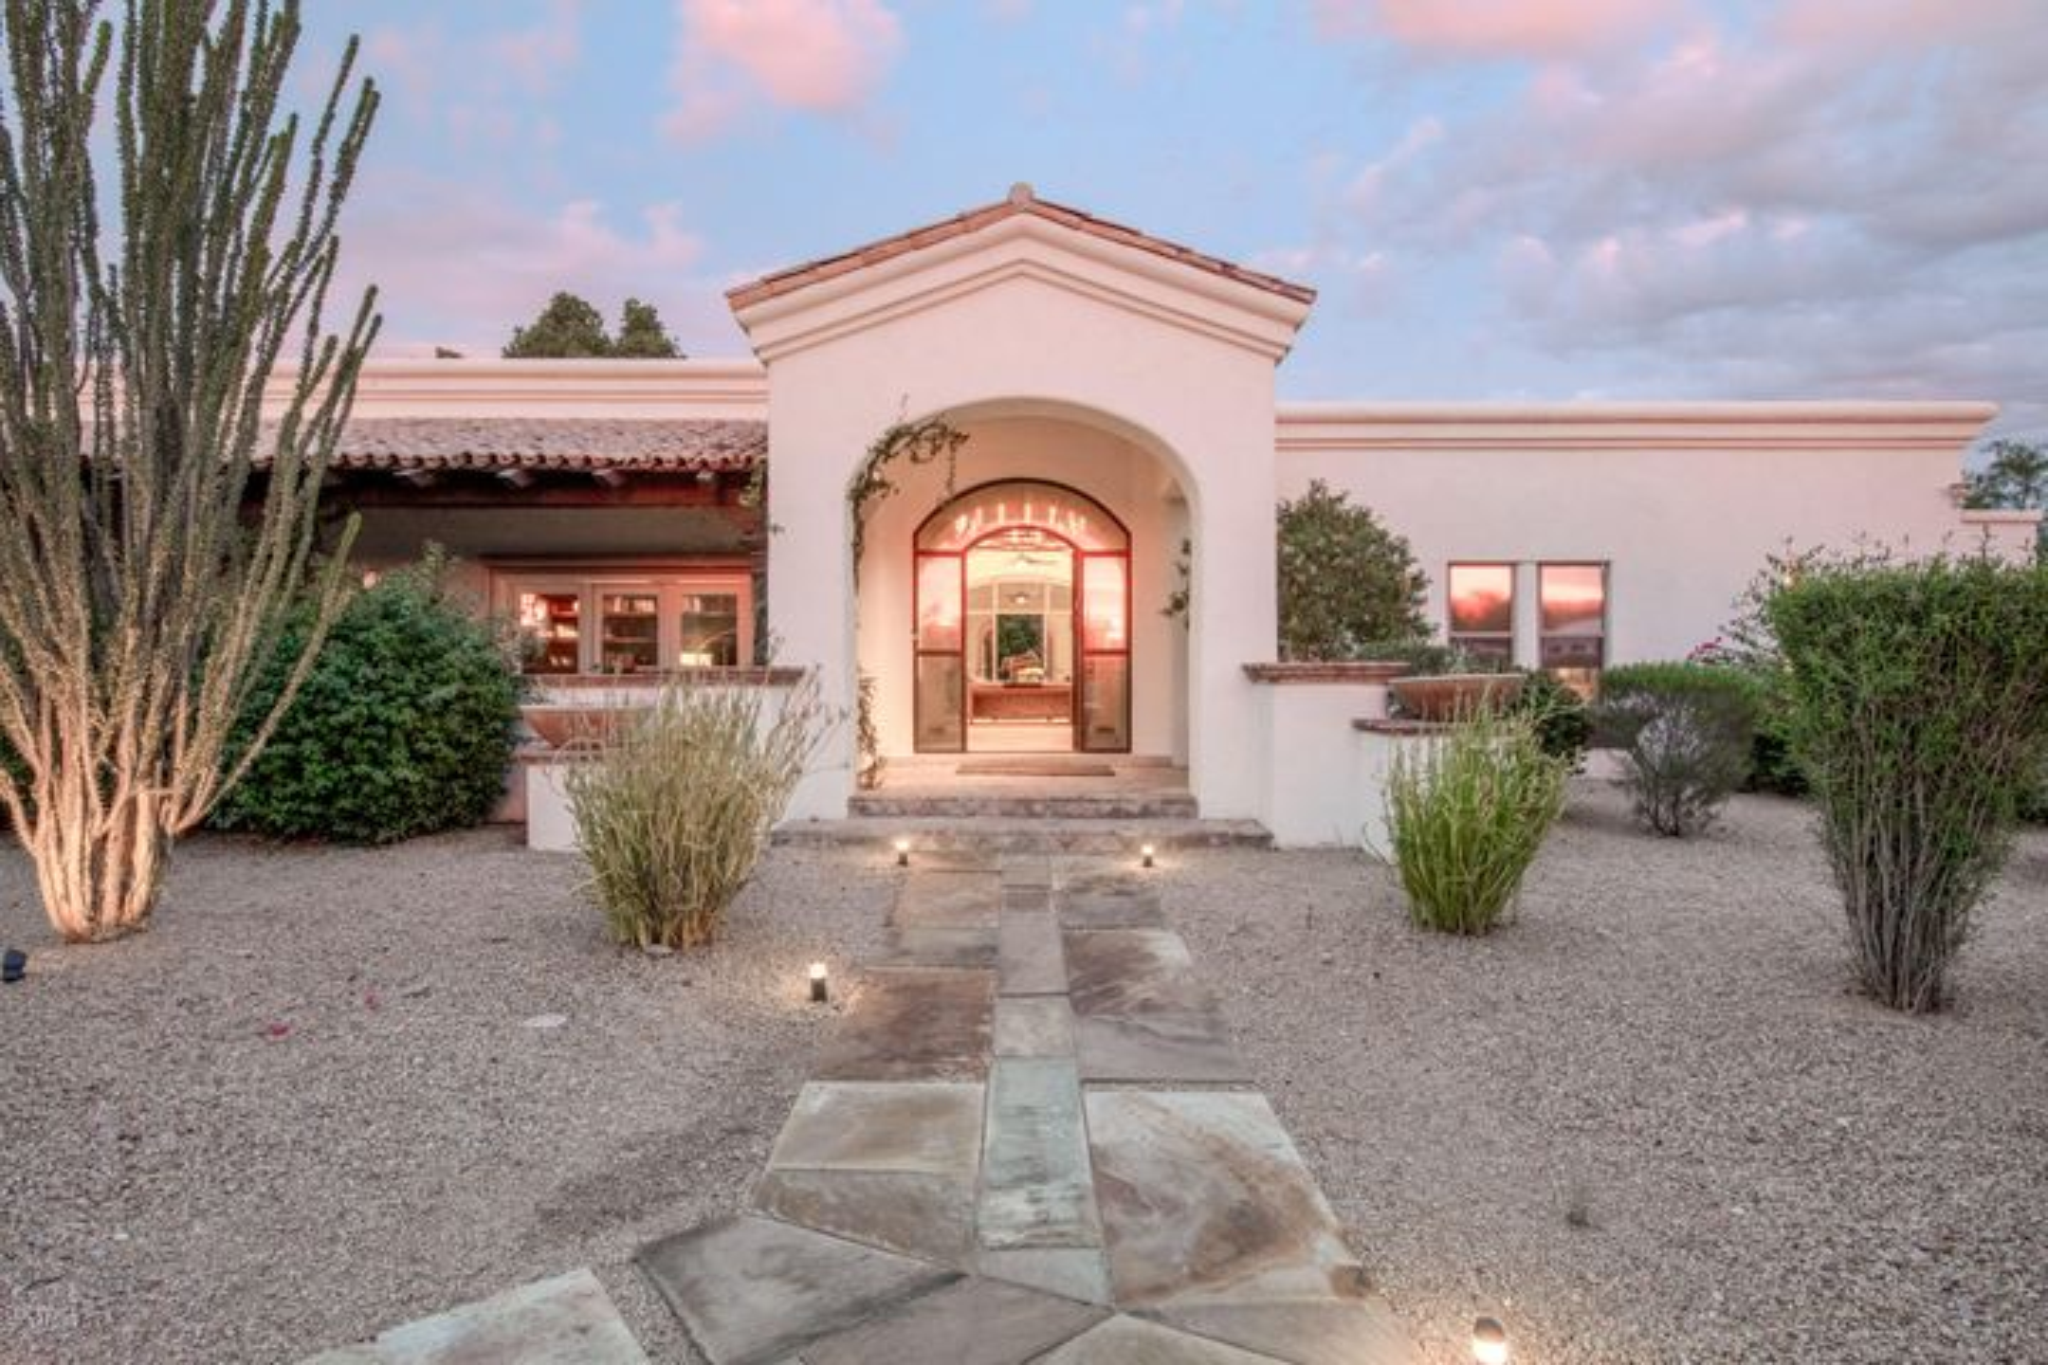 9819 N 61ST Place, Paradise Valley, AZ 85253